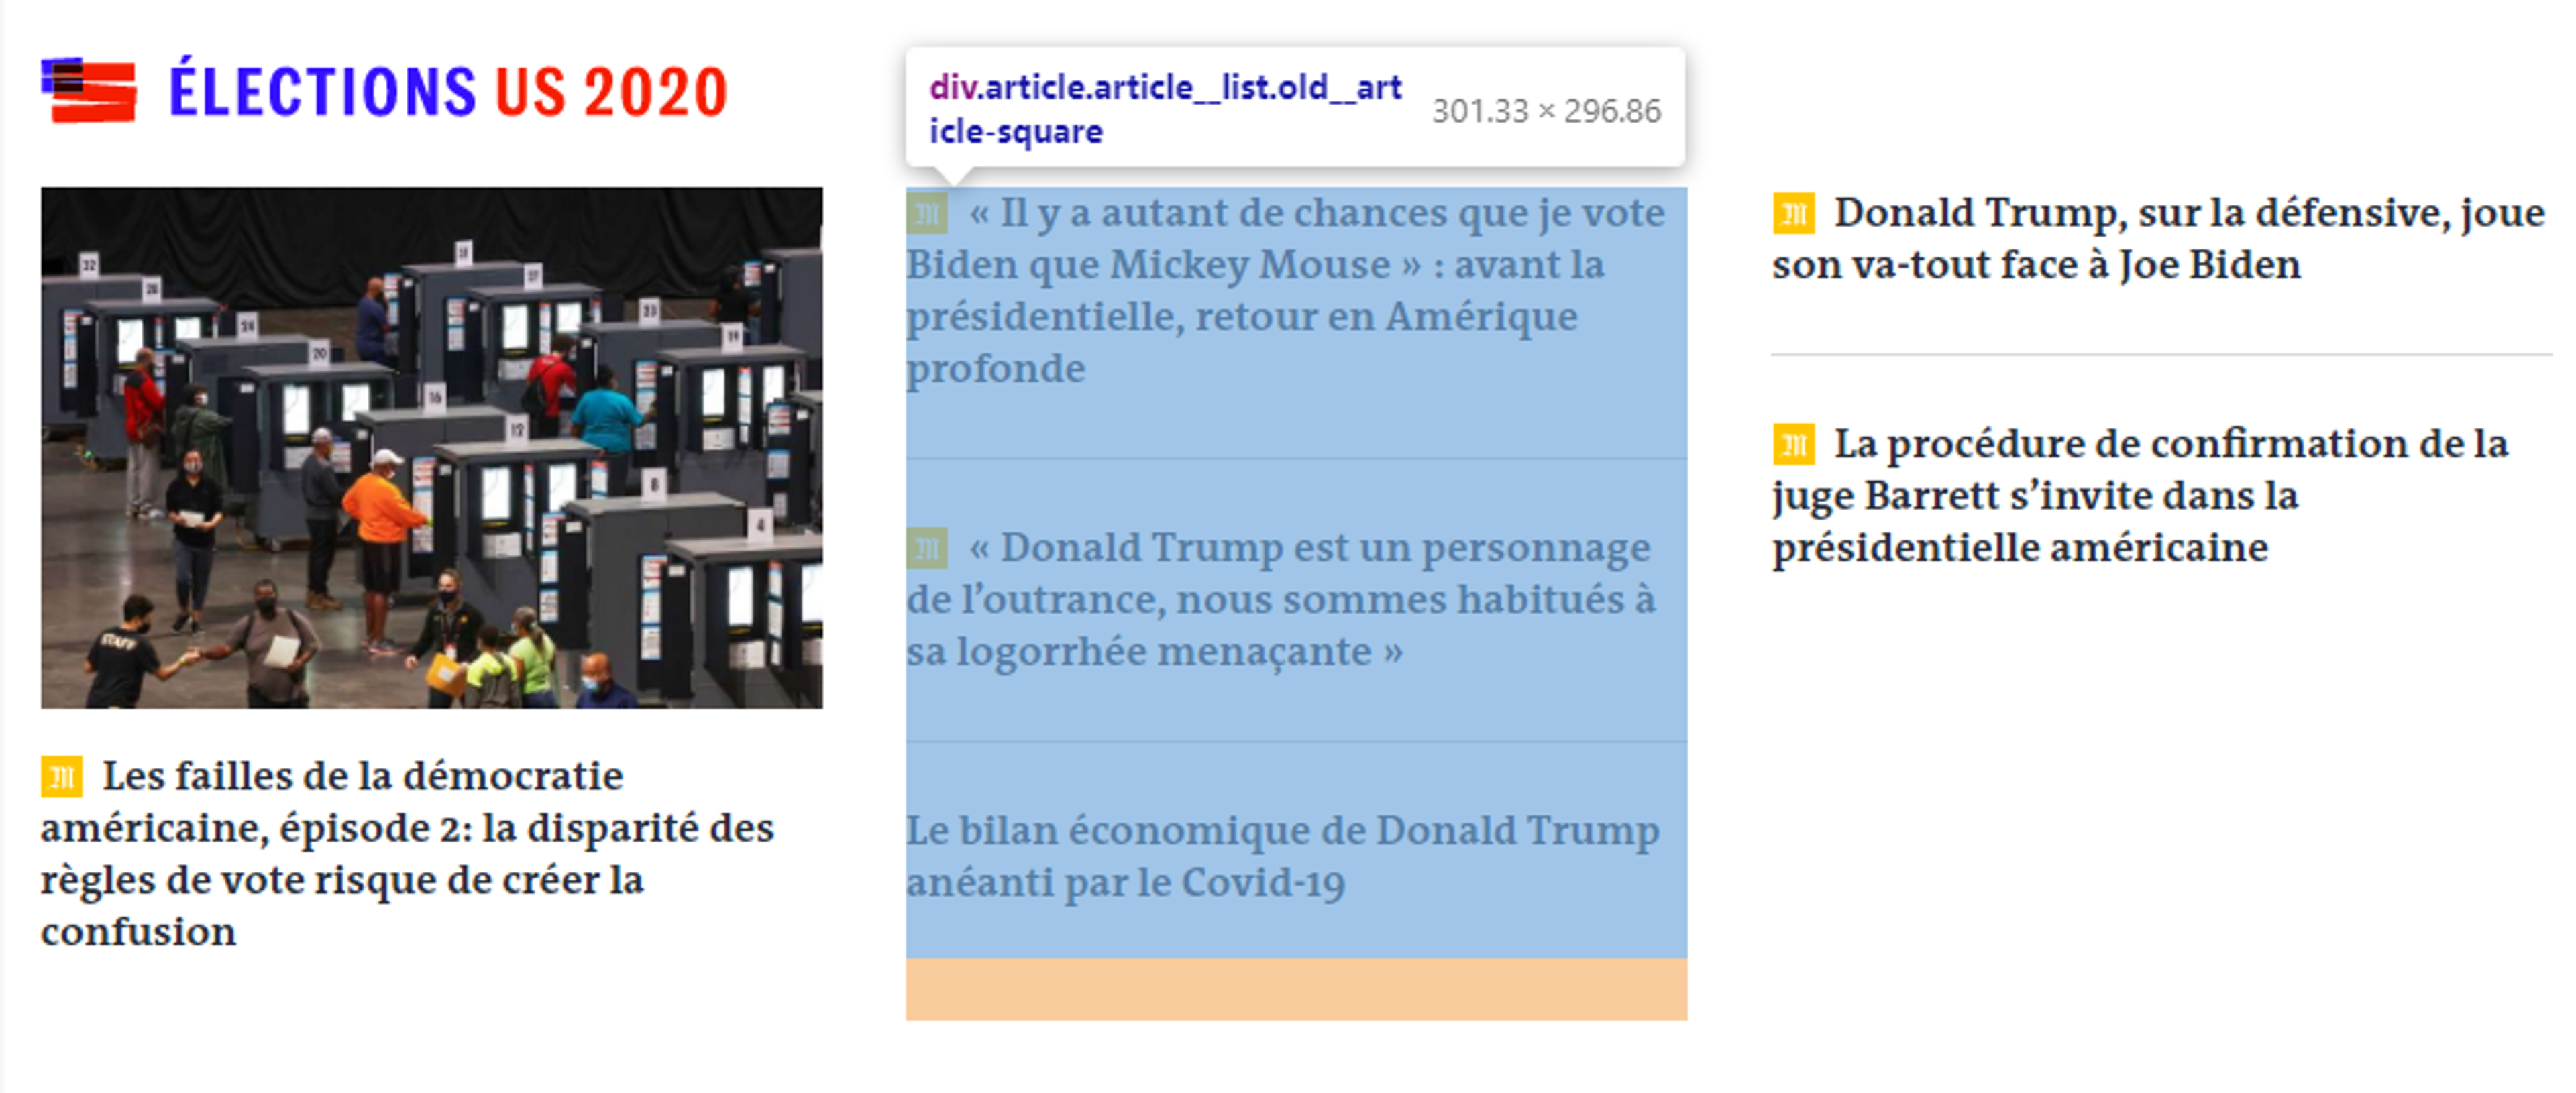 En utilisant l'inspecteur de votre navigateur, vous pourrez voir les sélecteurs en survolant les éléments sur la page web